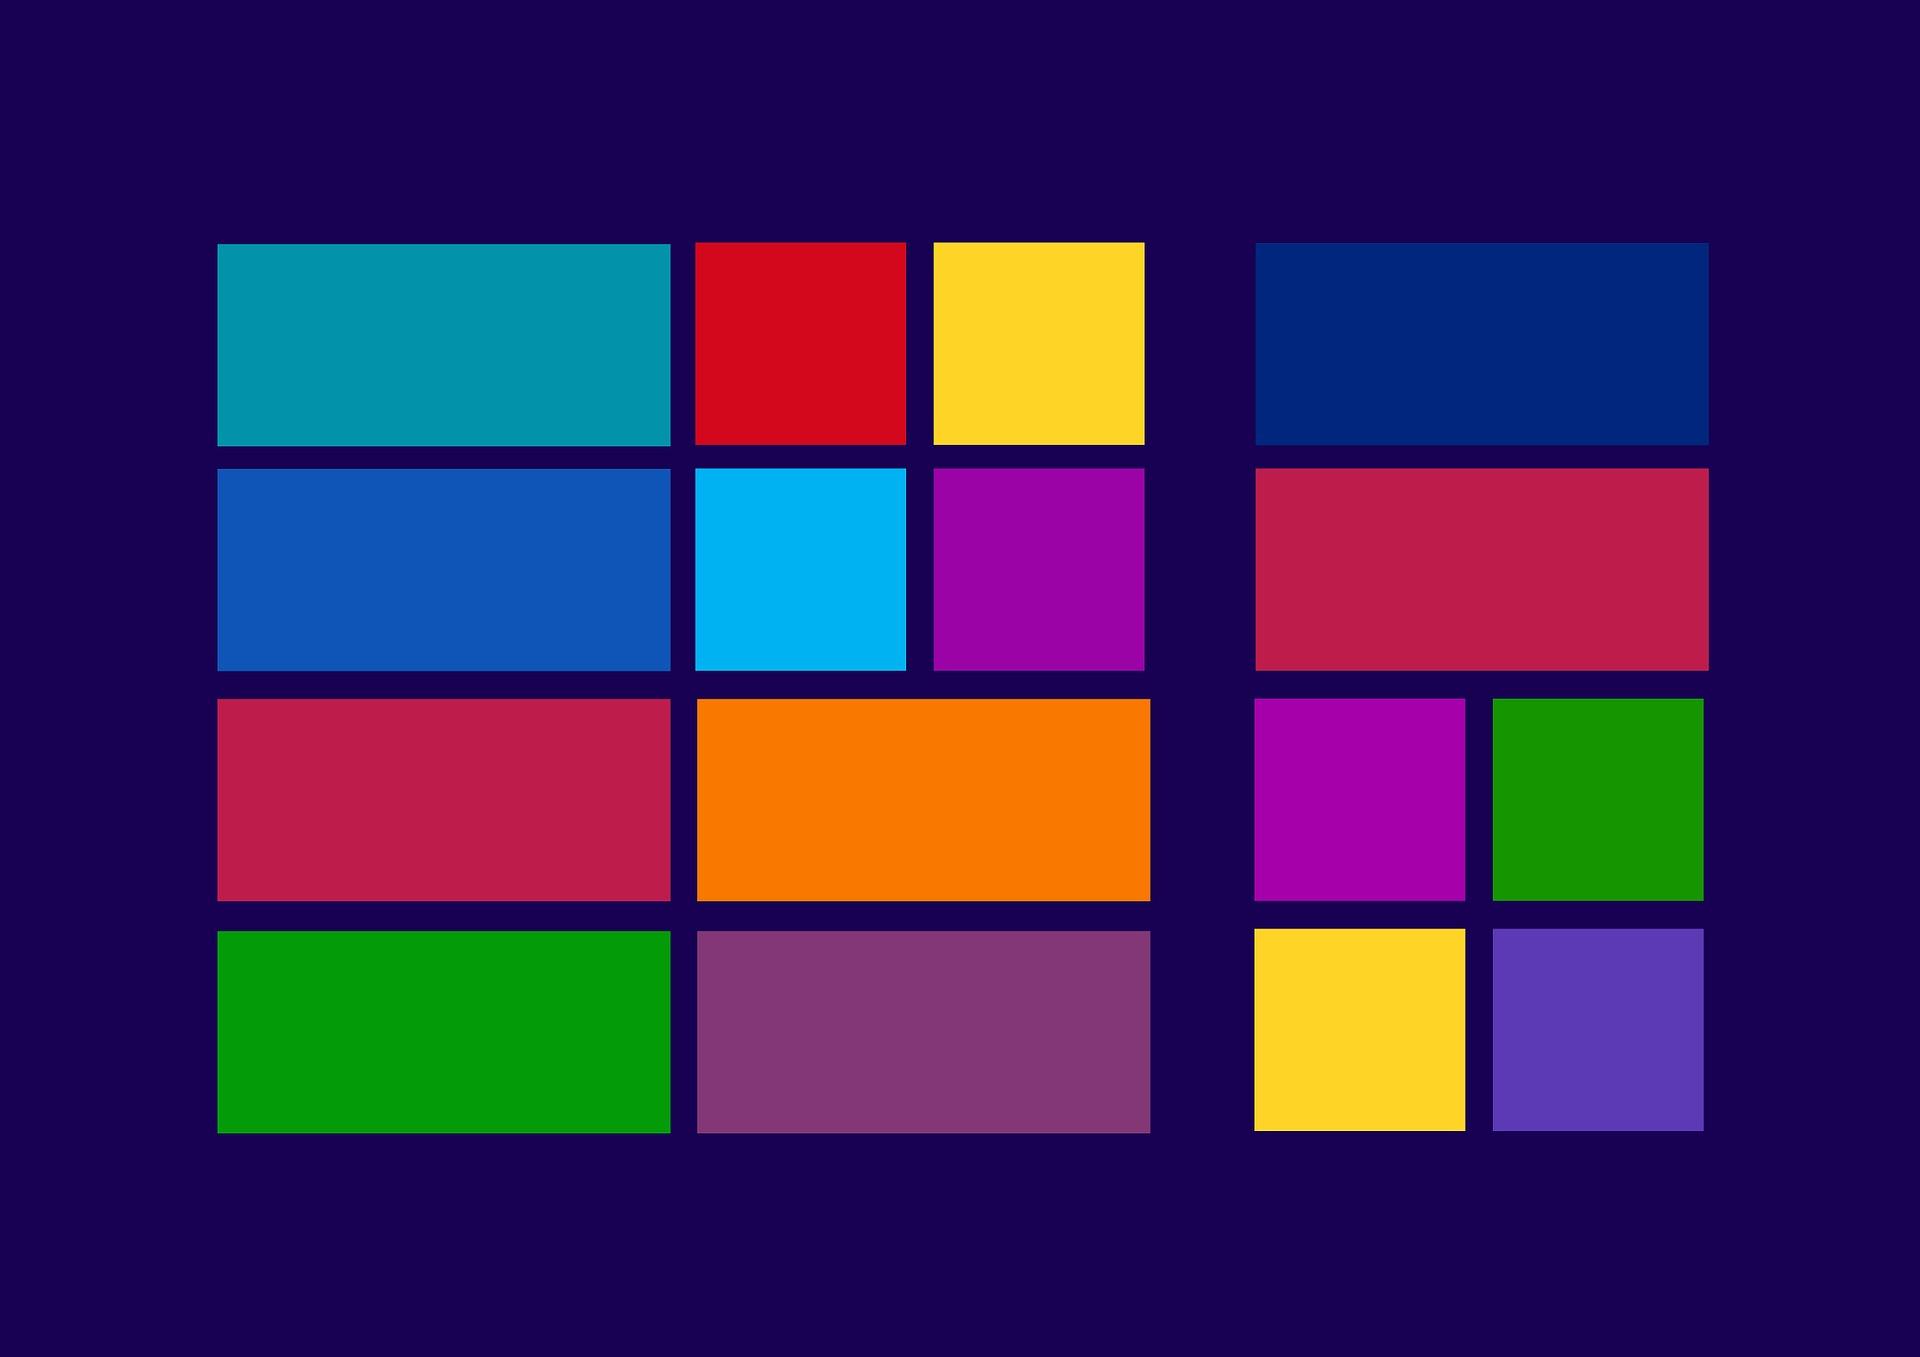 Резервное копирование настроек приложений Windows 10 с помощью CloneApp UA